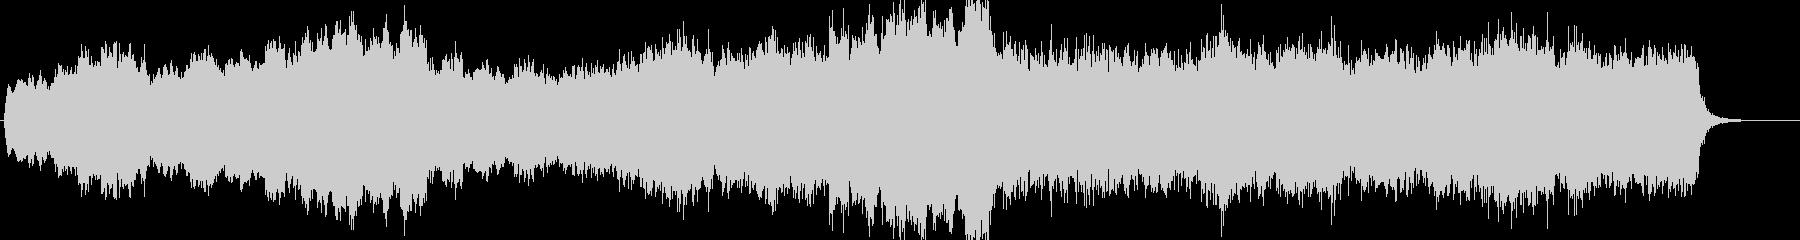 パイプオルガンによる荘厳な教会風BGMの未再生の波形